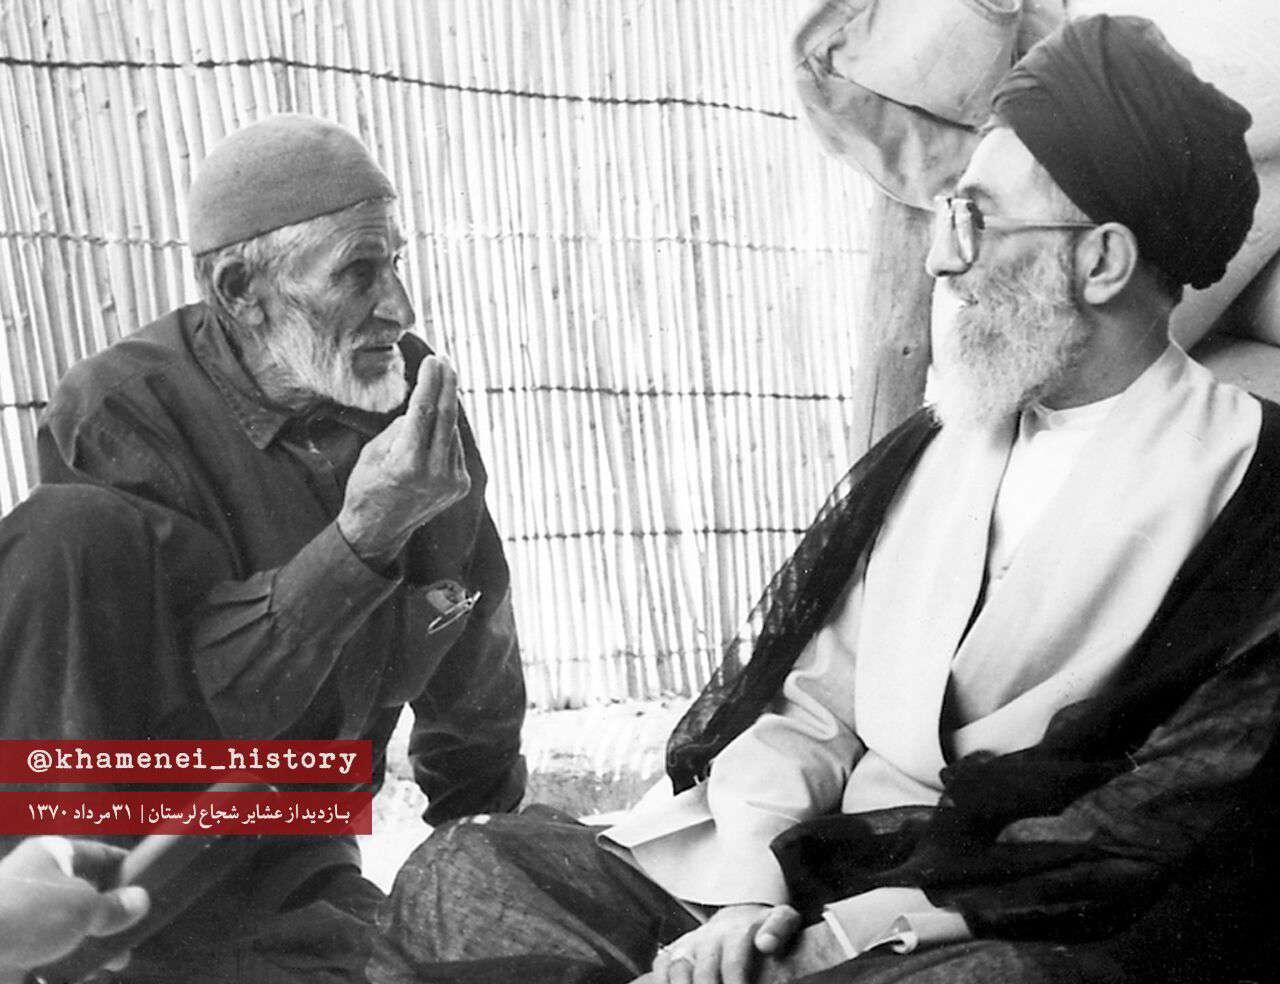 بازدید رهبرانقلاب از عشایر شریف استان لرستان | ۳۱ مرداد ۱۳۷۰